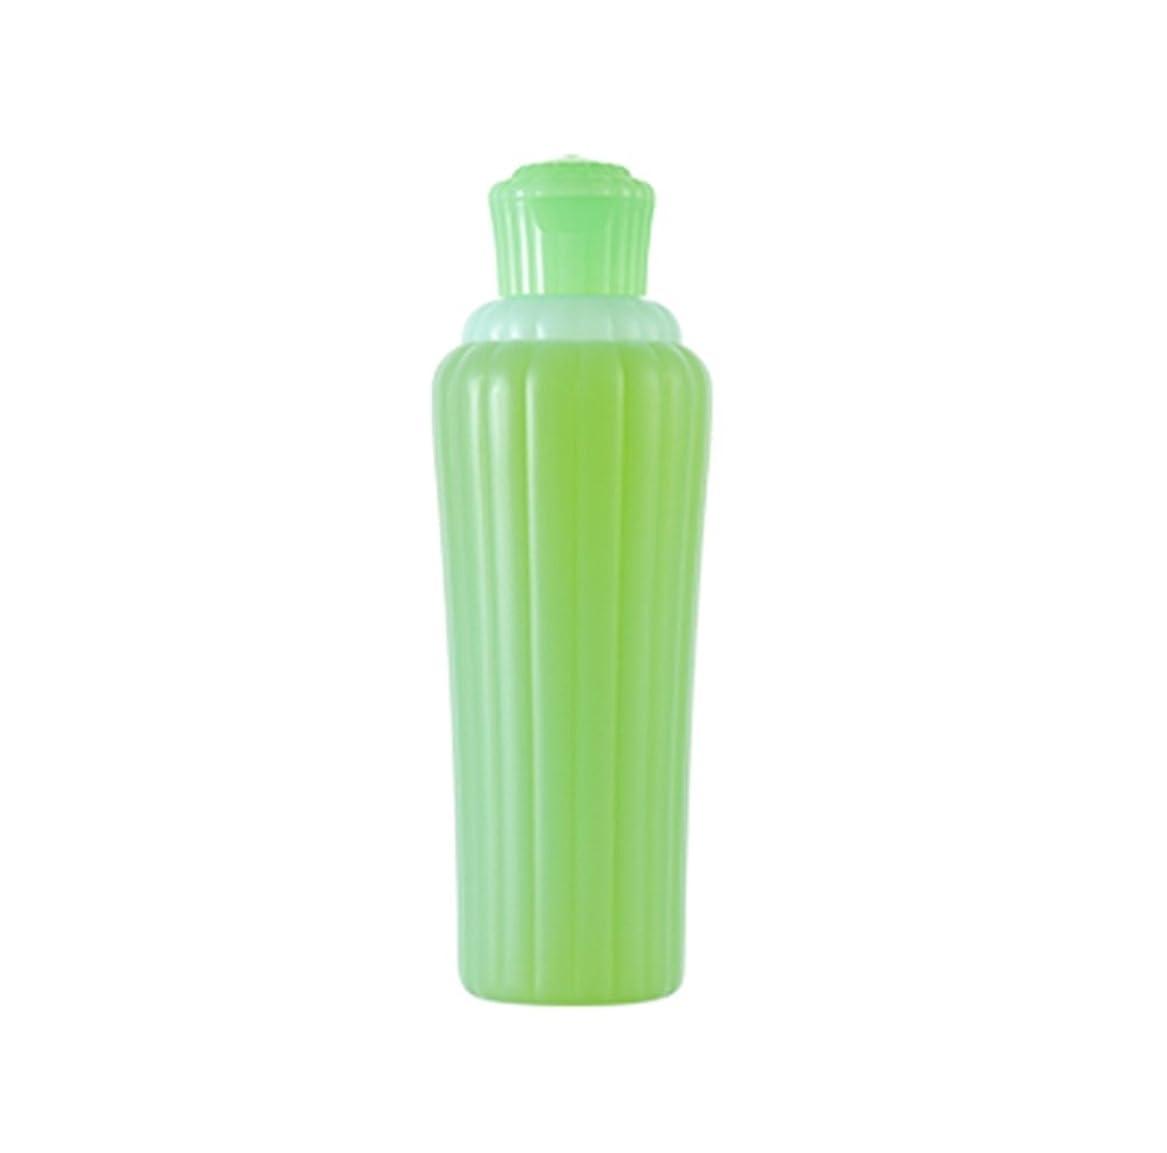 薄暗い逆に魅力アユーラ (AYURA) メディテーション ヘアクレンズ 300mL 〈シャンプー〉 アロマティックハーブの香り